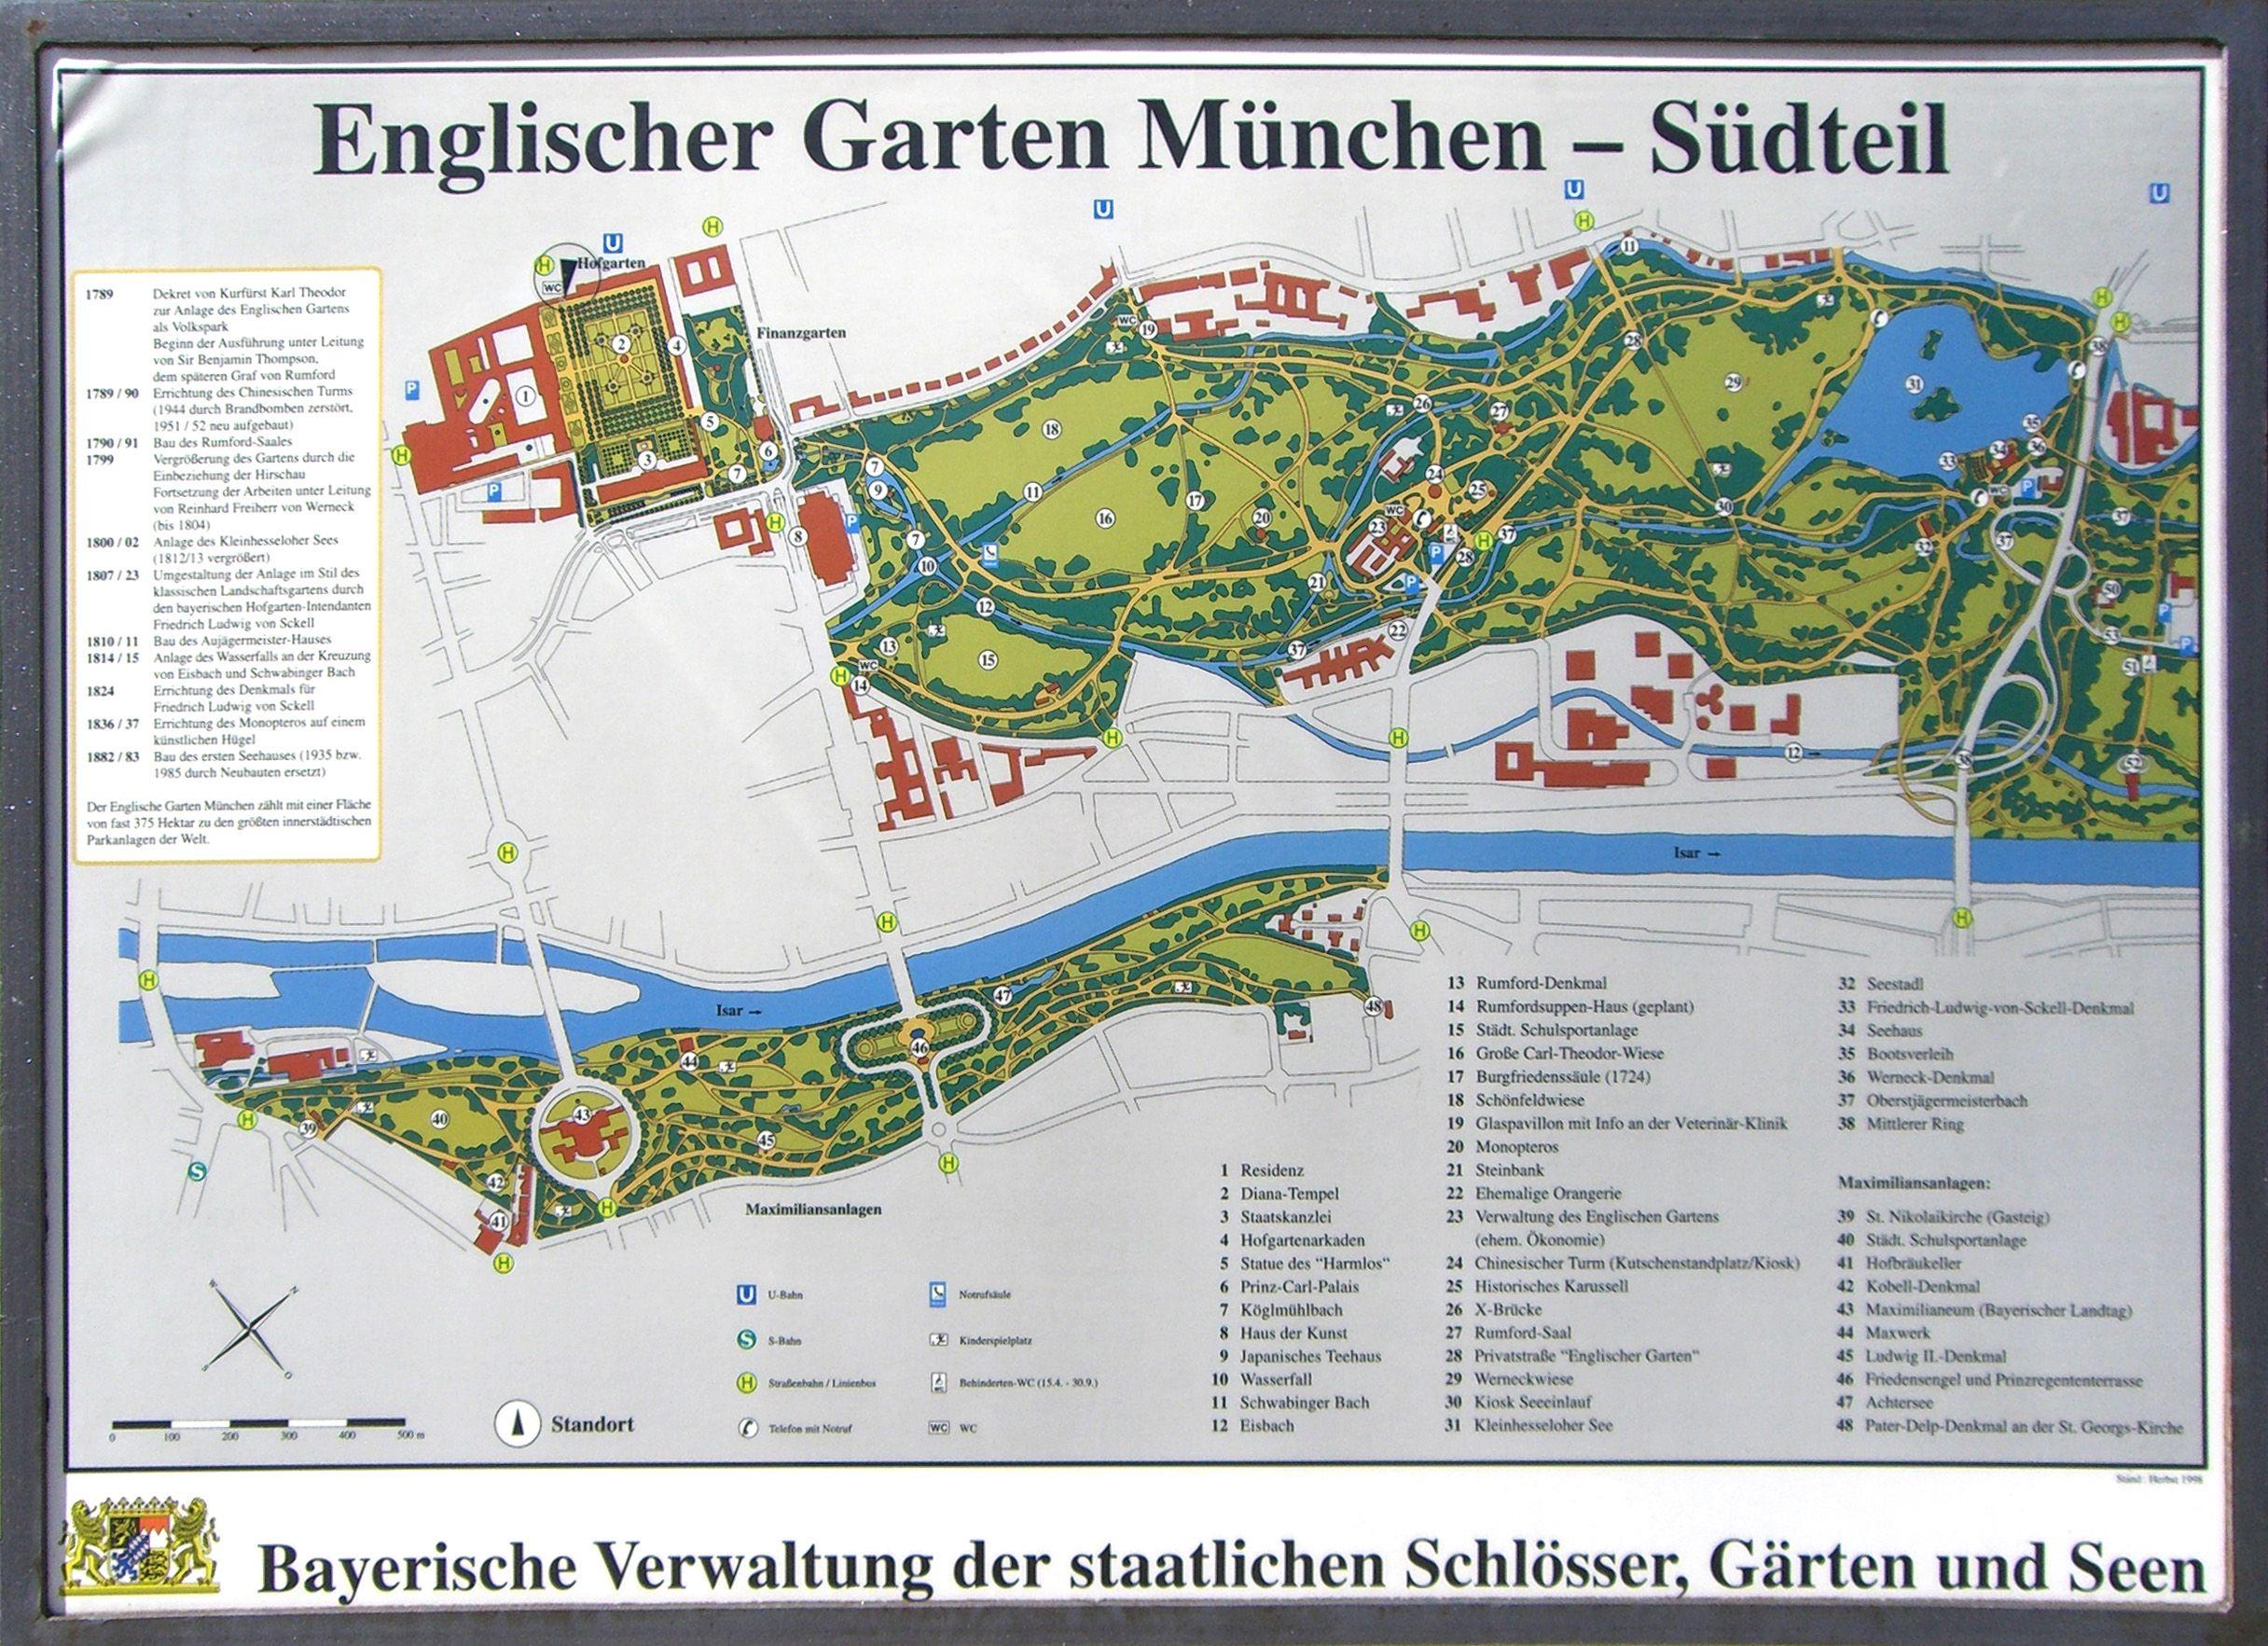 Fabulous Munich Englischer Garten